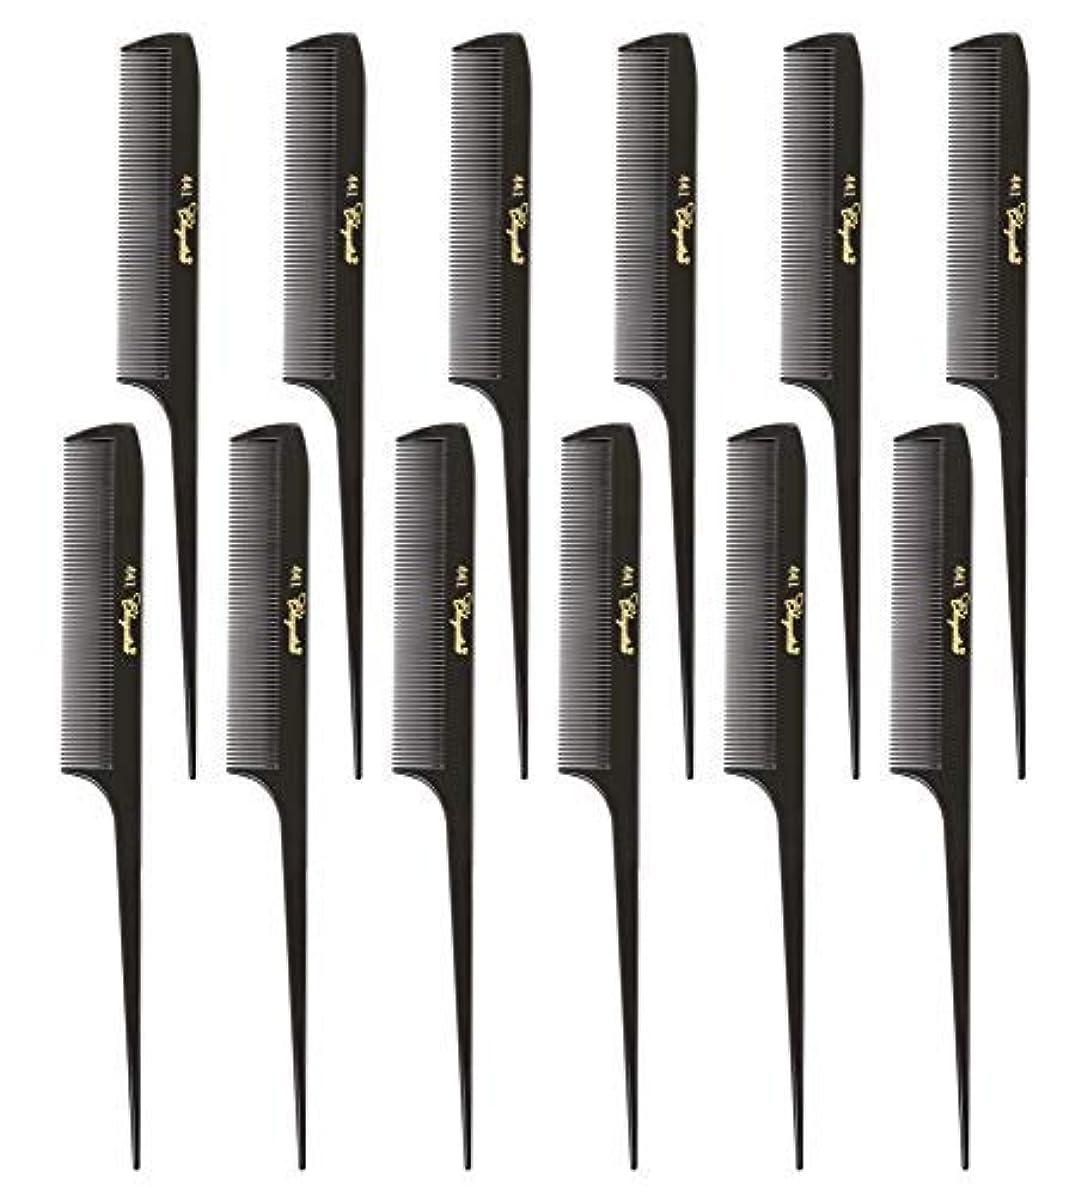 ブレイズばかげたナインへKrest Cleopatra 8-1/2 inch Rattail Combs Extra Fine Tooth. Rat Tail Model #441 Dark Brown. 1 Dozen [並行輸入品]